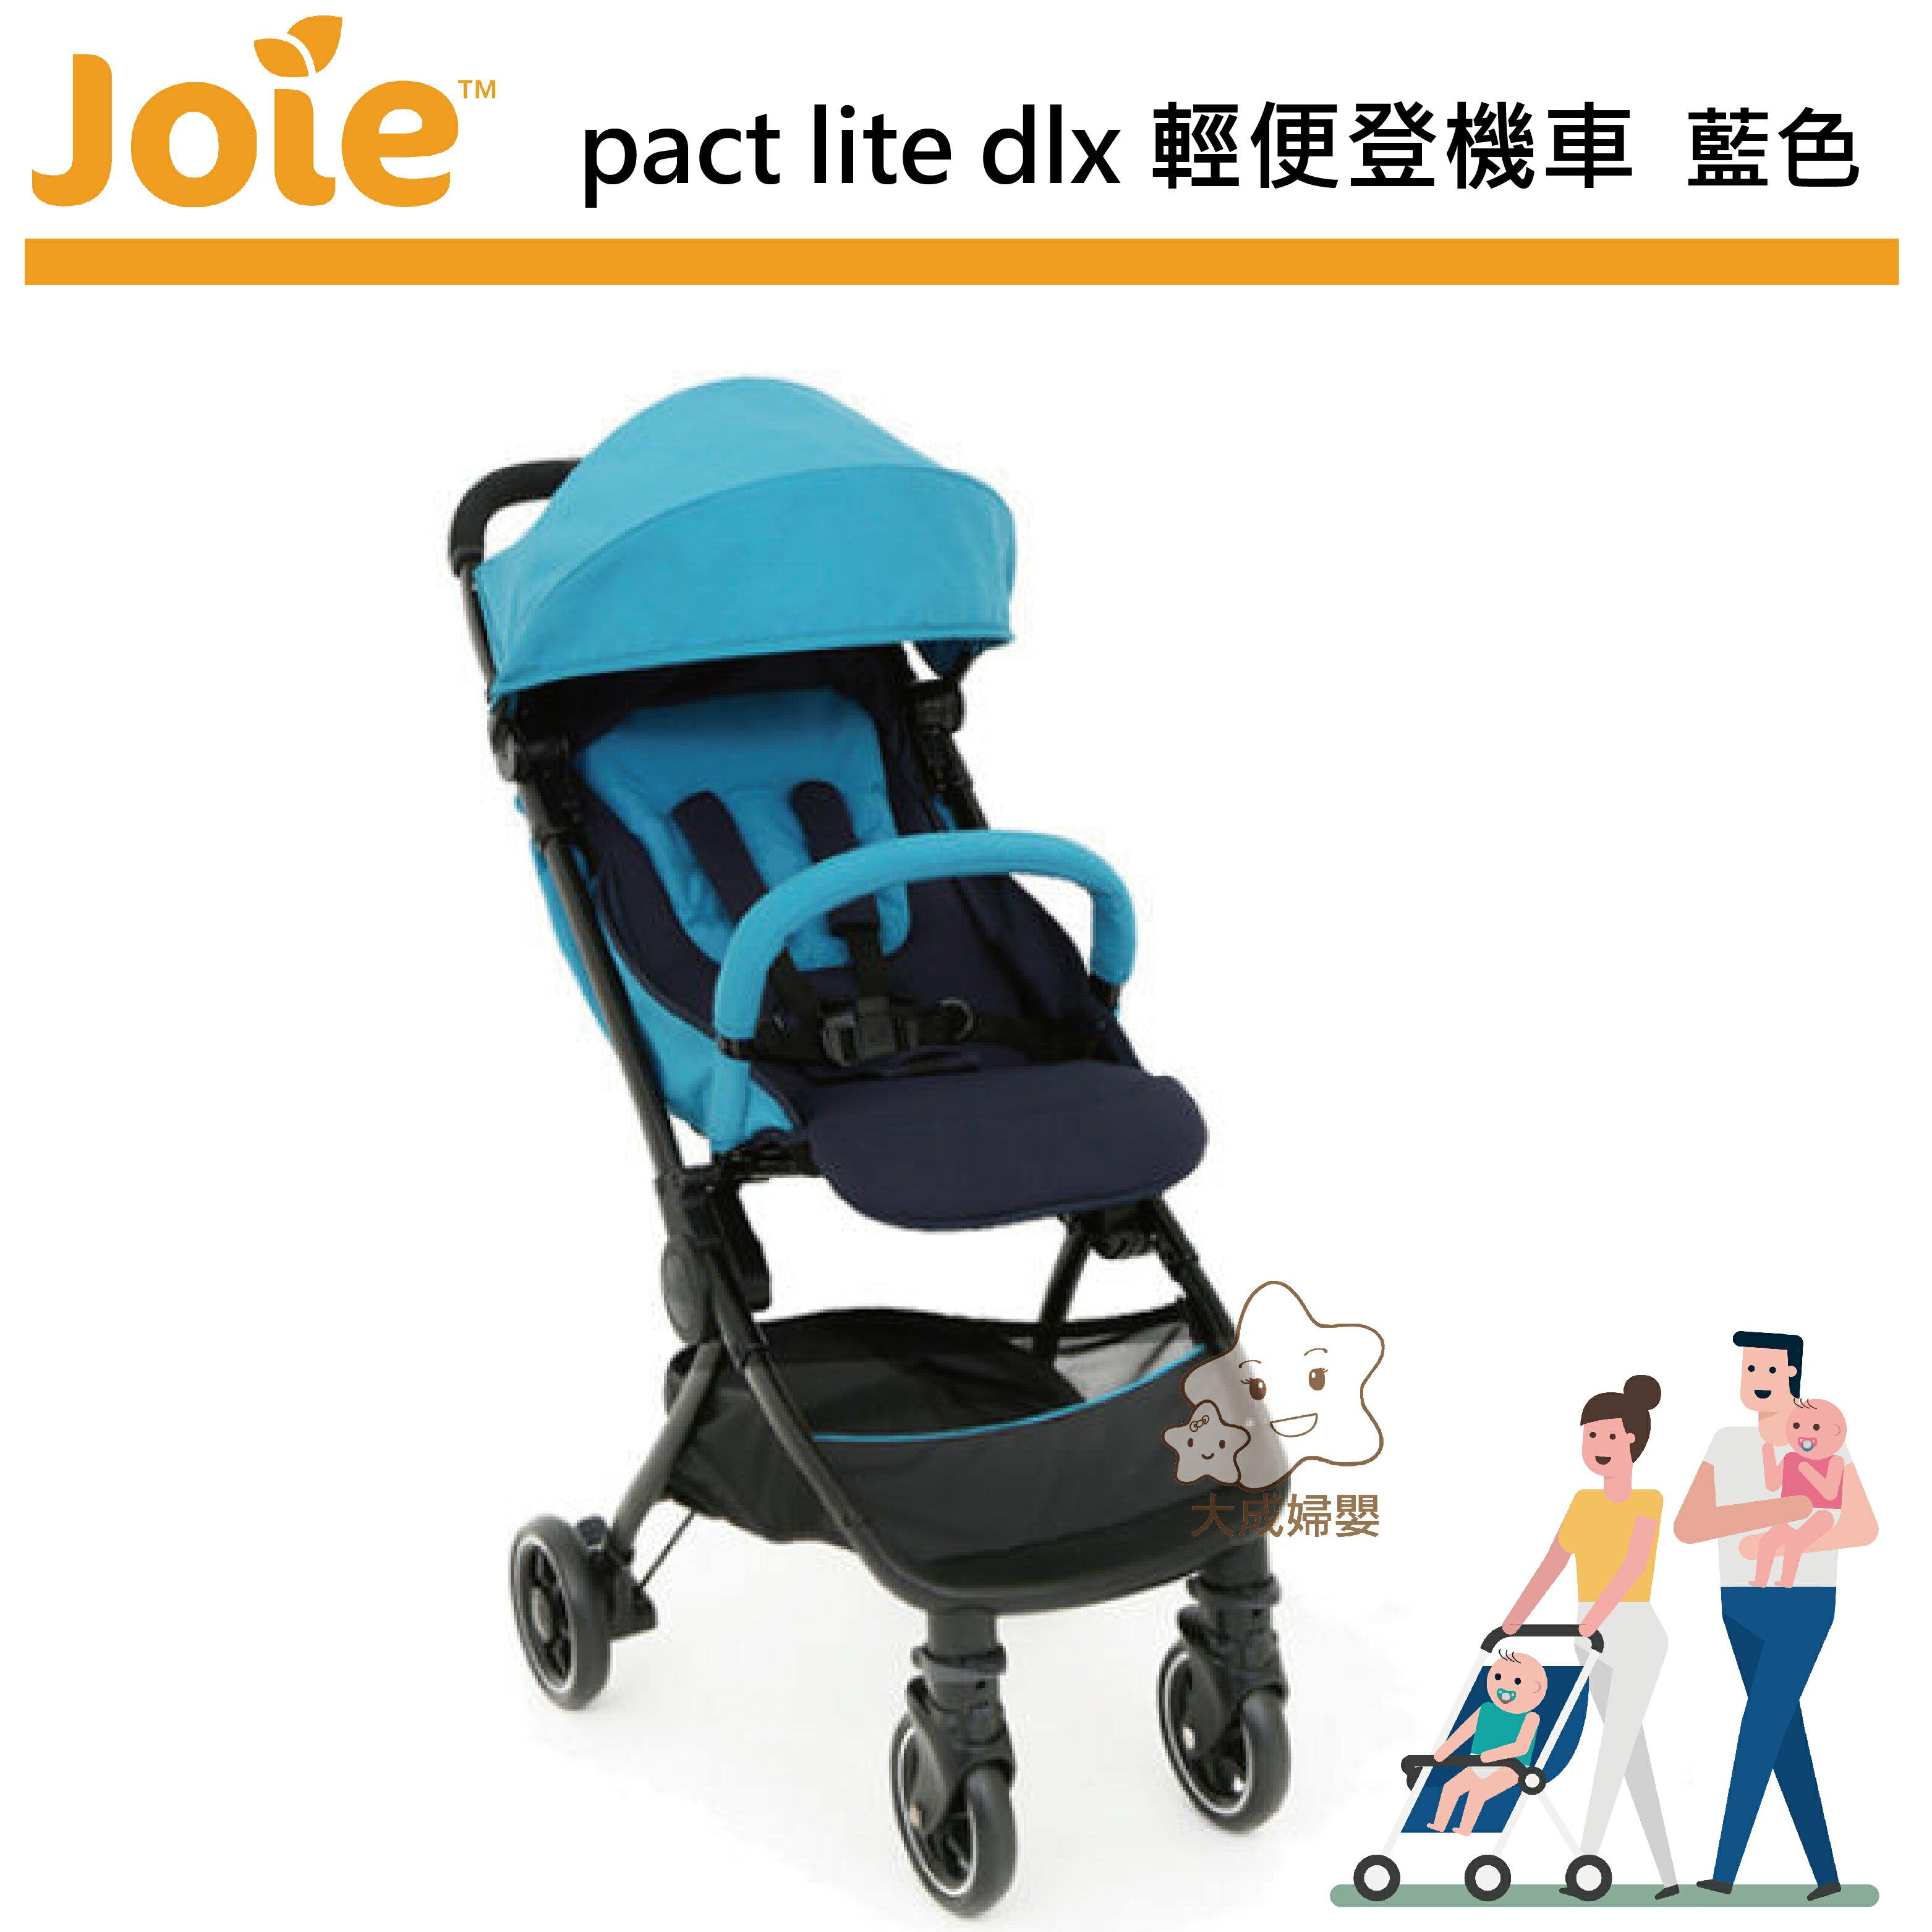 【大成婦嬰】奇哥Joie pact lite dlx 輕便登機車 藍色 運費100